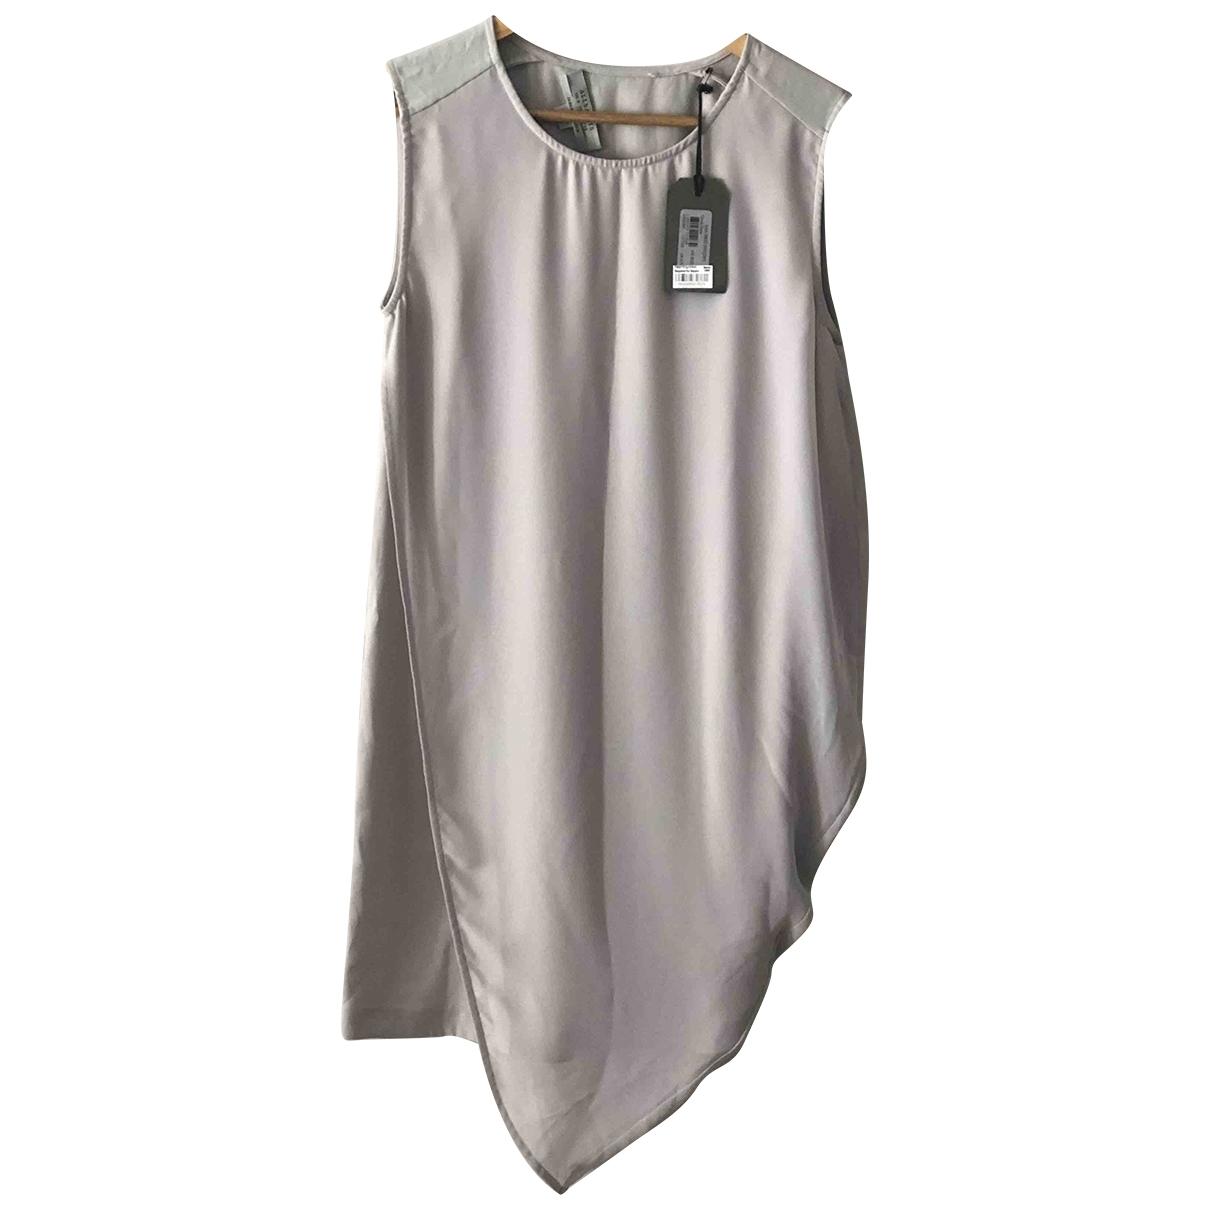 All Saints \N Beige dress for Women XS International